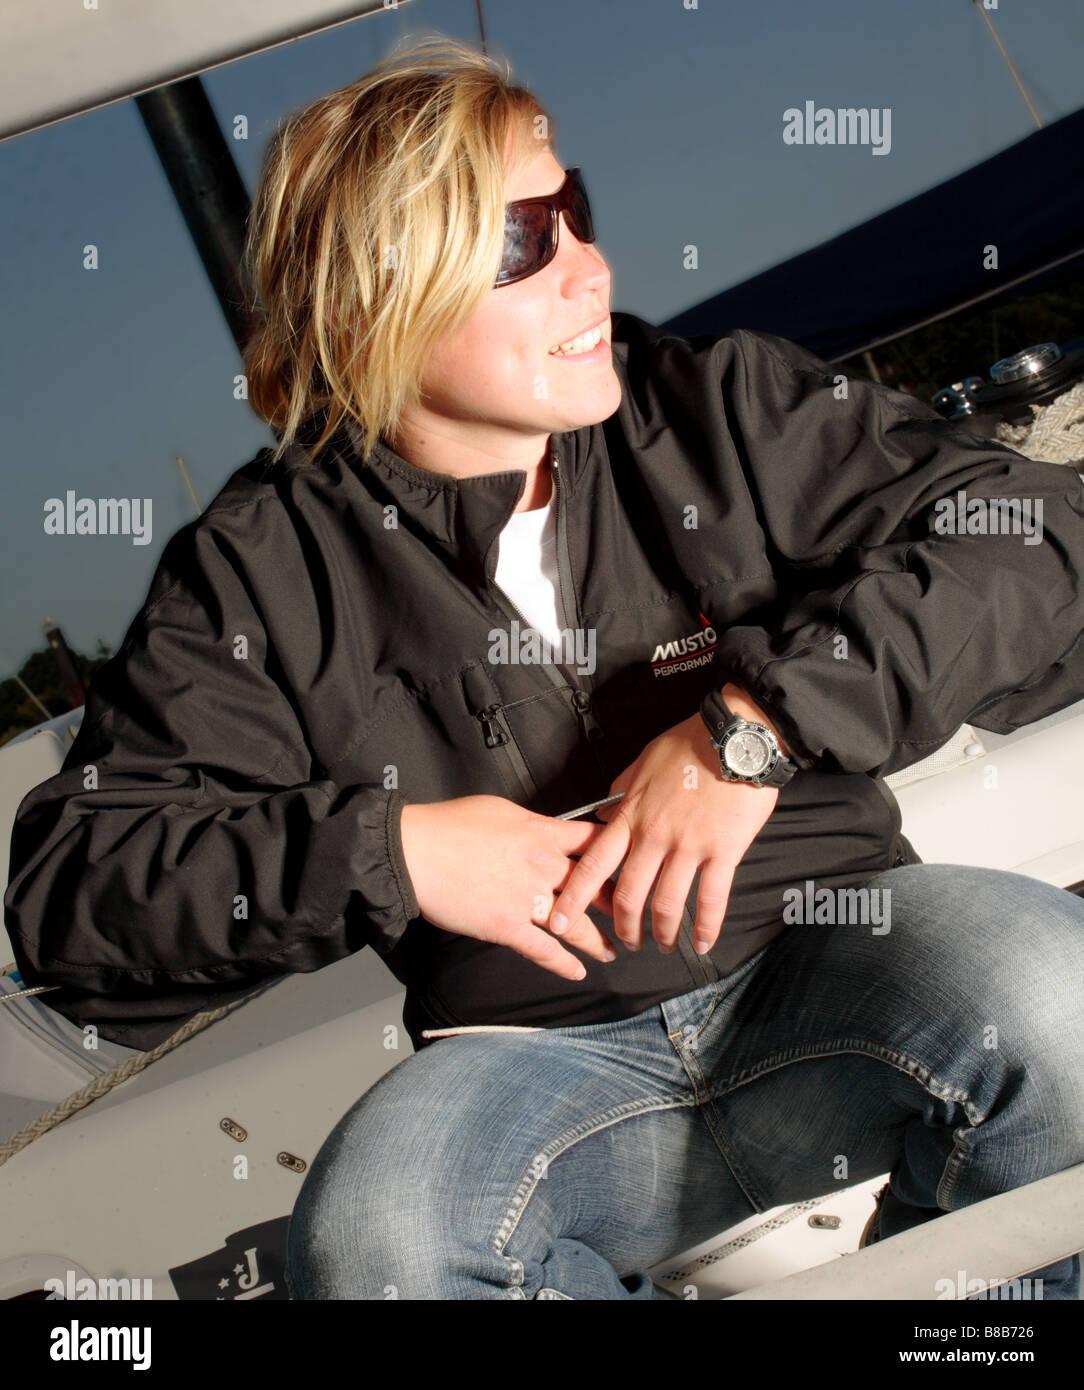 Girl Età 20-25 su uno yacht Immagini Stock